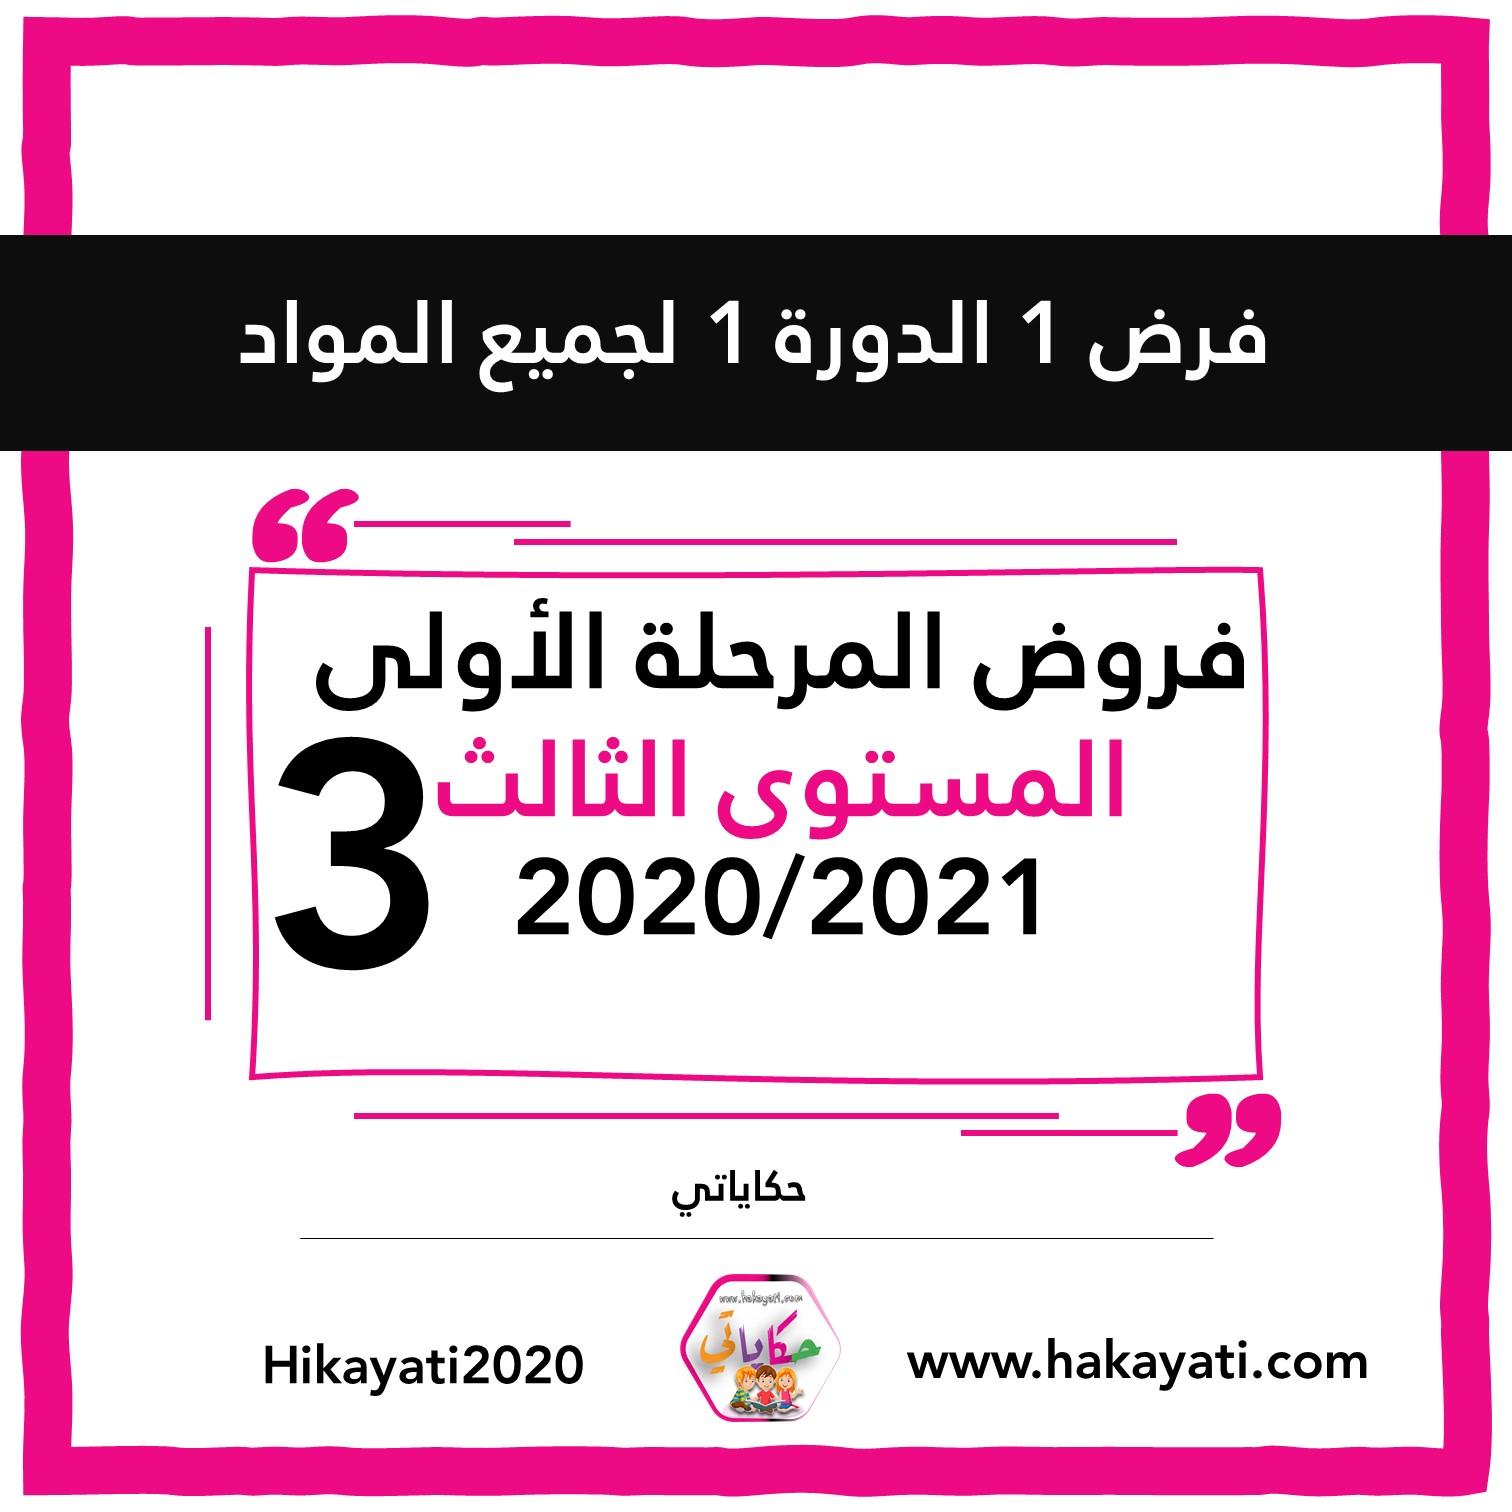 الفرض الأول 1 من الدورة الأولى 1 لجميع مواد المستوى الثالث وفق المنهاج المنقح 2021-2020